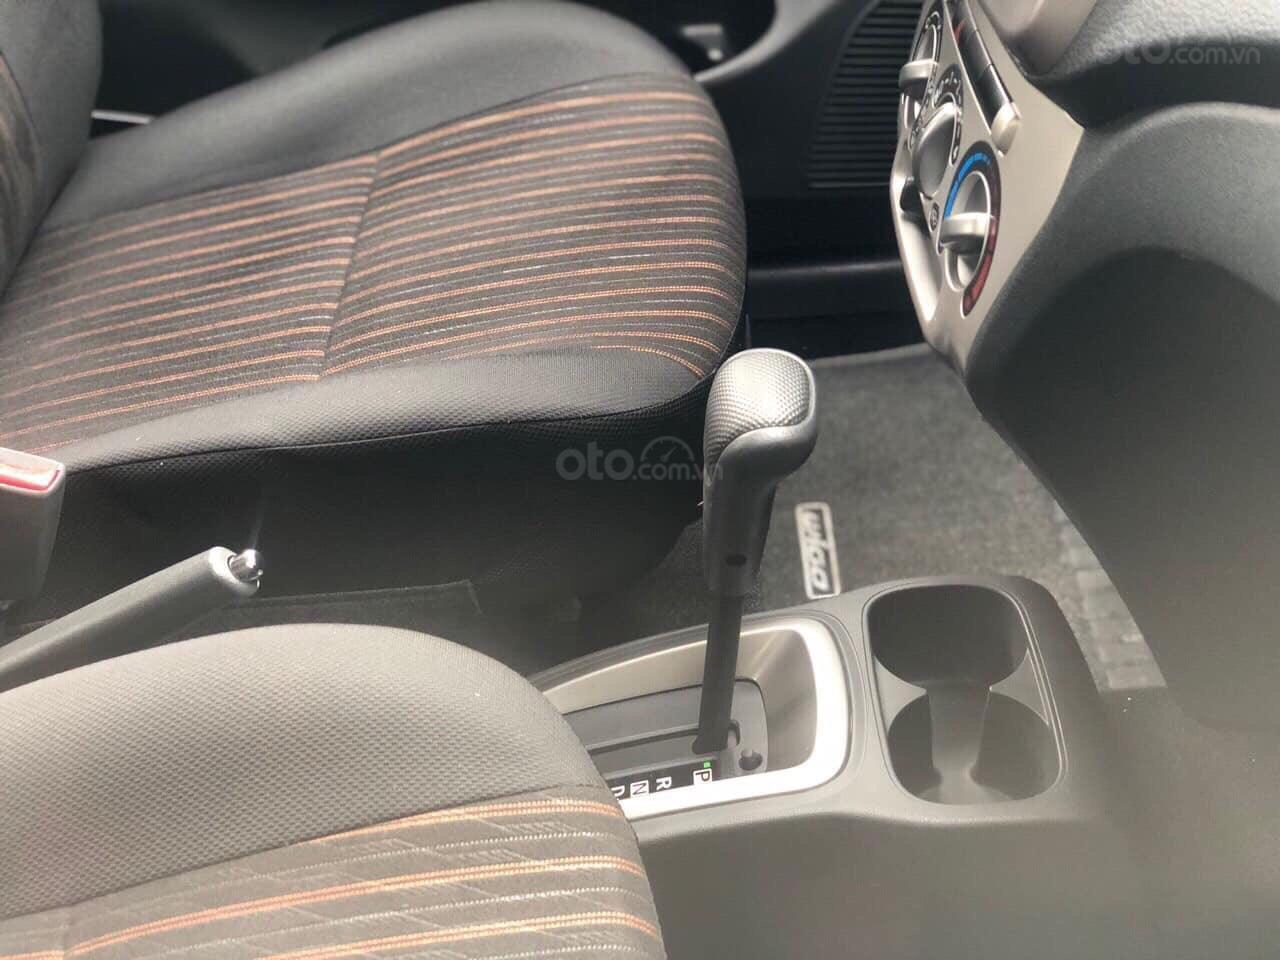 Toyota Wigo năm 2019, nhập khẩu Indonesia, giá tốt, liên hệ ngay 0907044926 để được hỗ trợ tốt nhất (5)